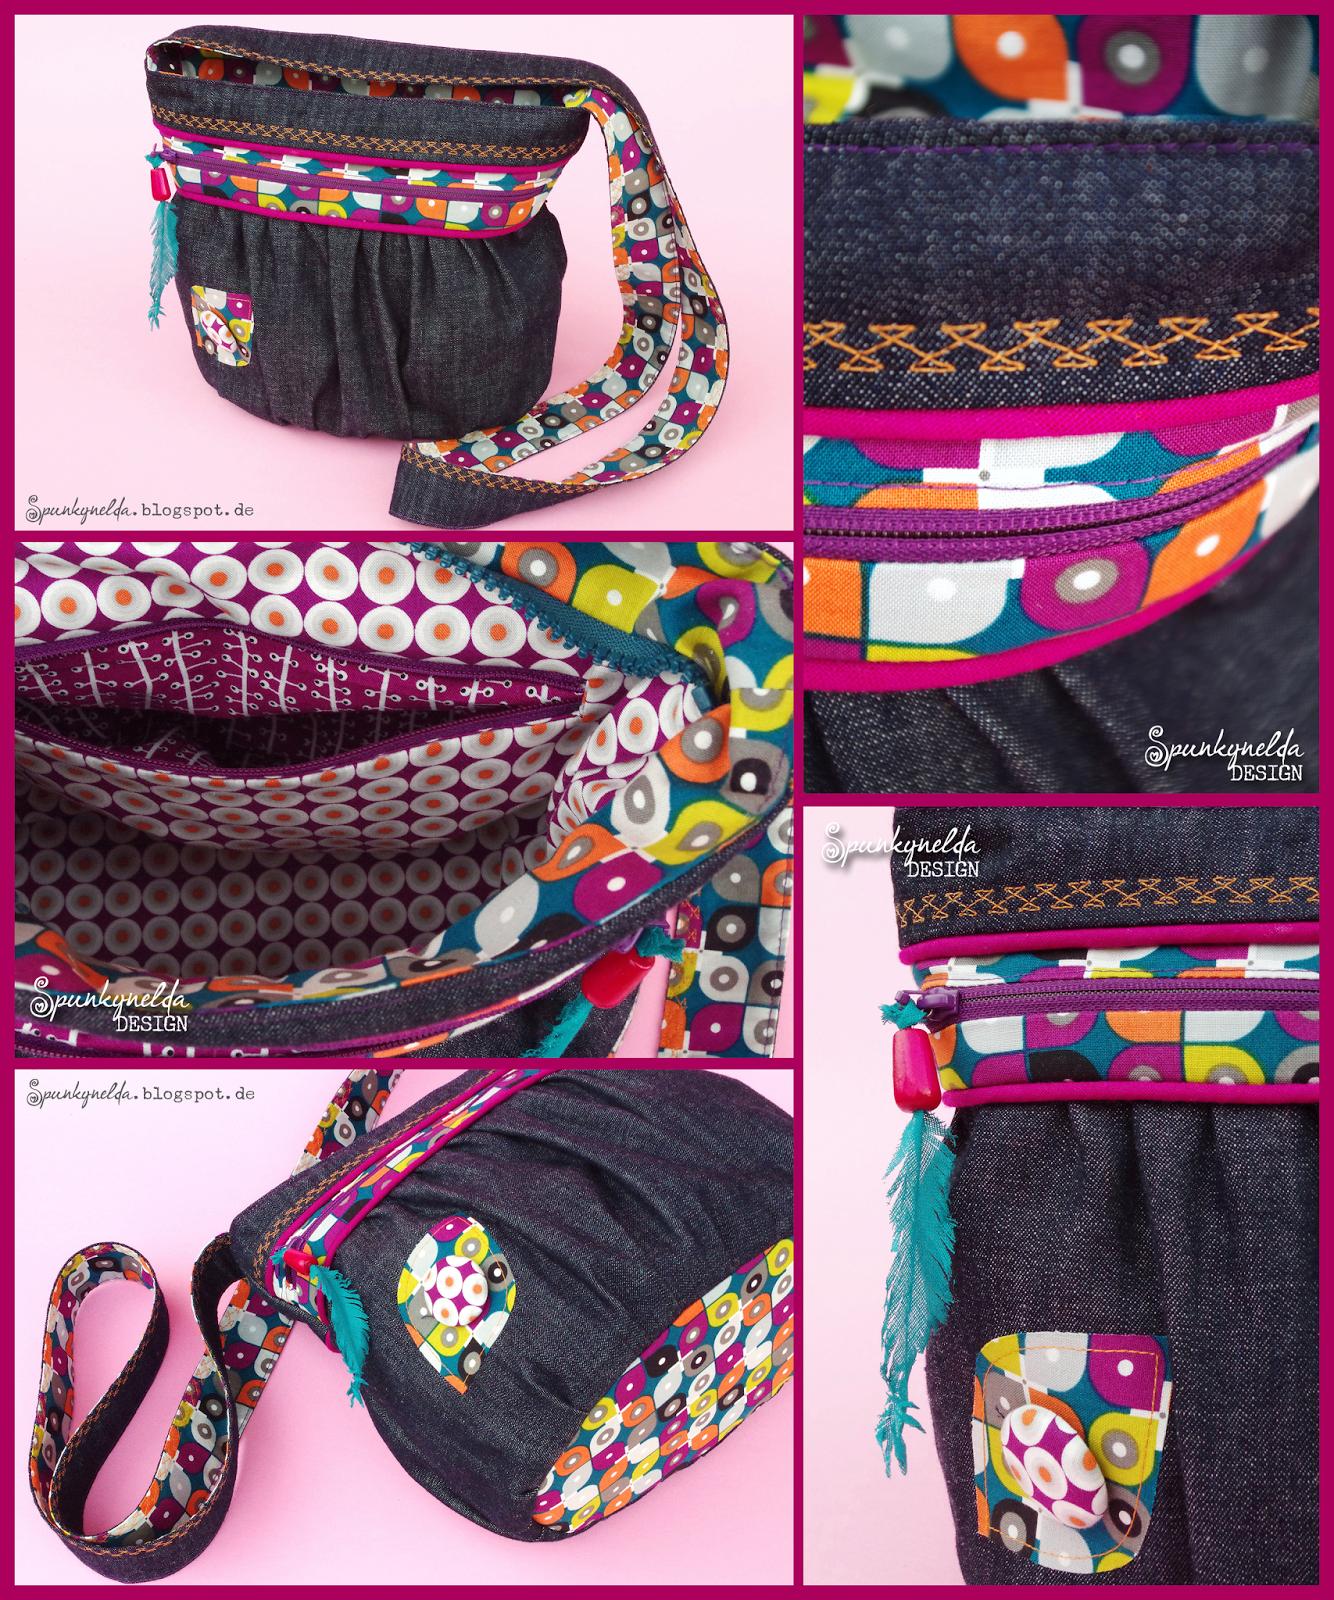 Handtasche KIRA nach meinem freebook - von Spunkynelda | selfmade ...